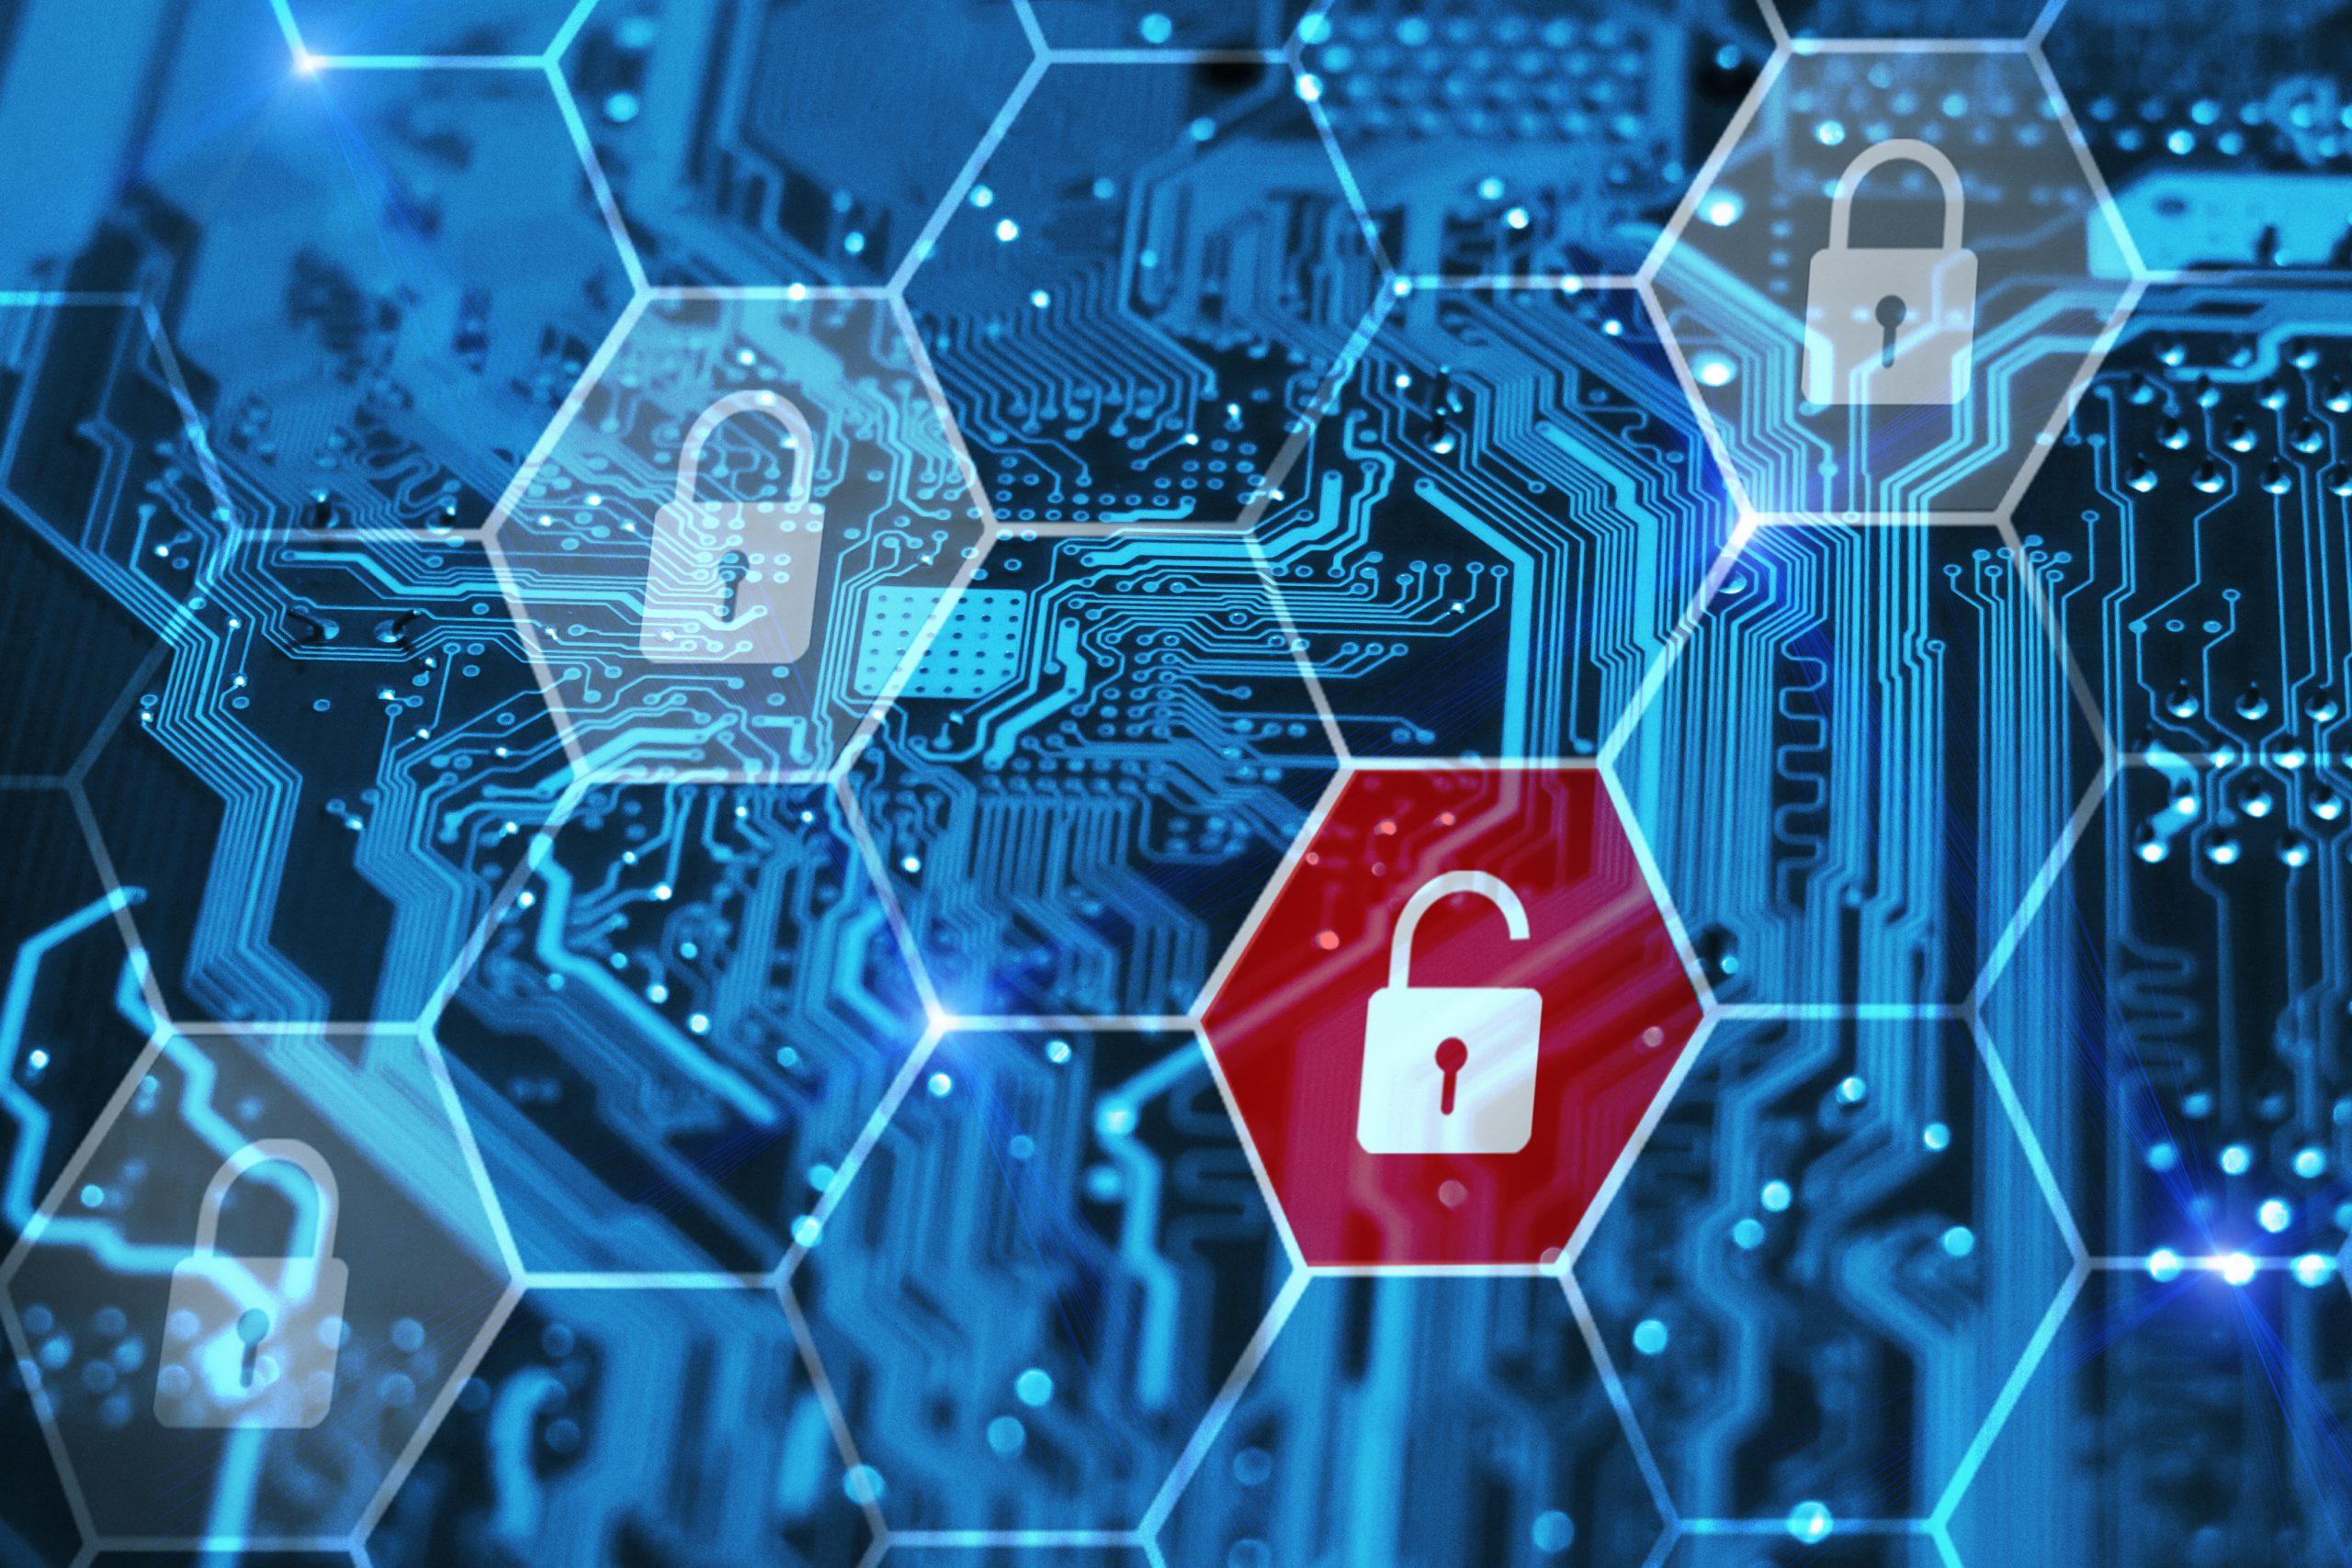 Les assureurs font preuve de sérénité face au risque de cyber-attaques… mais n'est-ce pas un excès d'optimisme ?